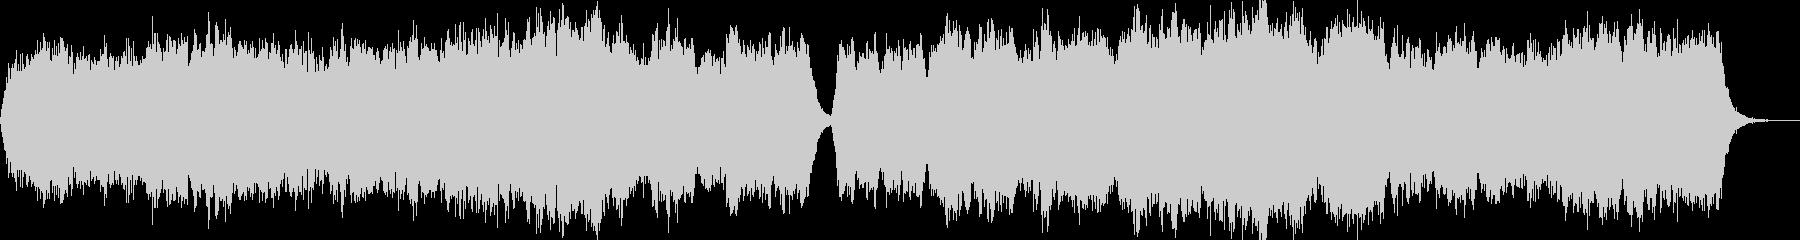 優しい弦楽アンサンブルの未再生の波形